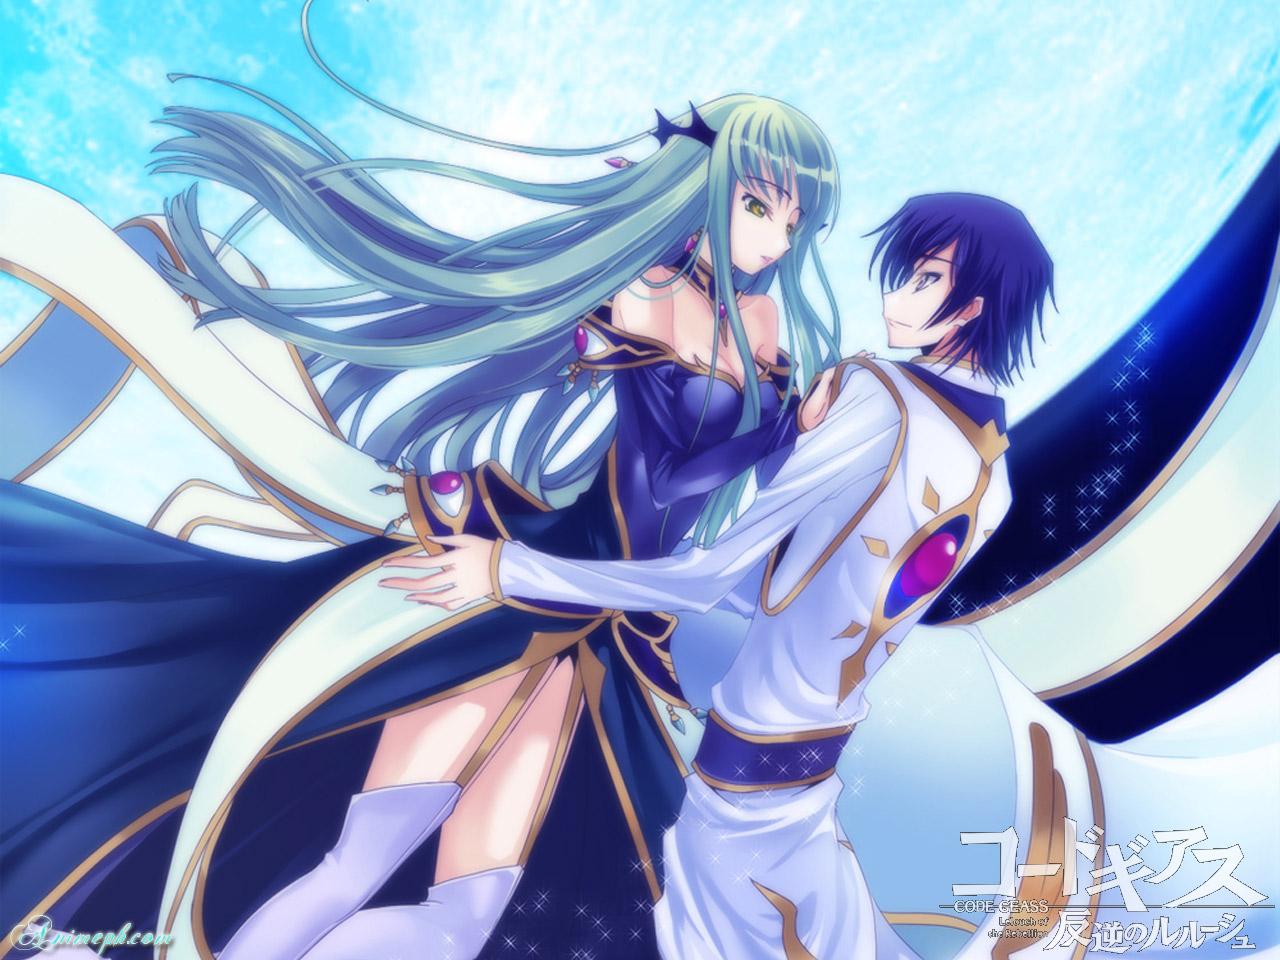 Wallpaper Background Anime Love : Love Anime Wallpaper - WallpaperSafari